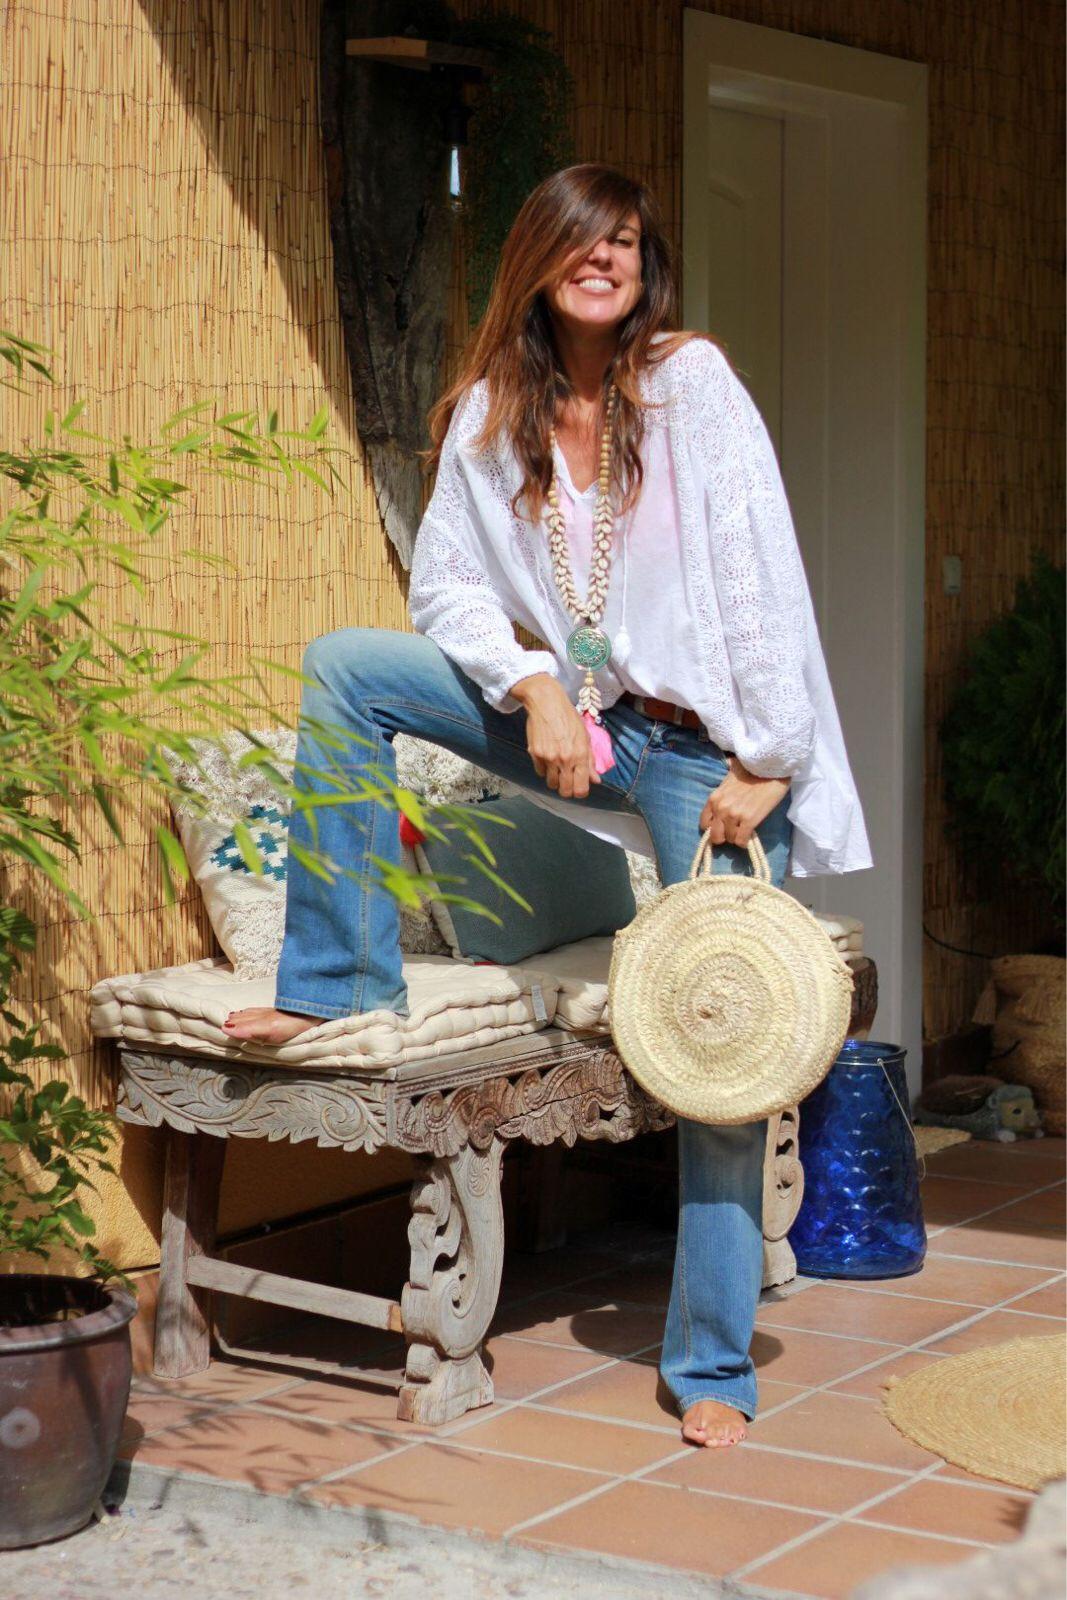 d572c45470f Hippie Chic Shop in 2019 | My Style | Hippie chic fashion, Boho ...